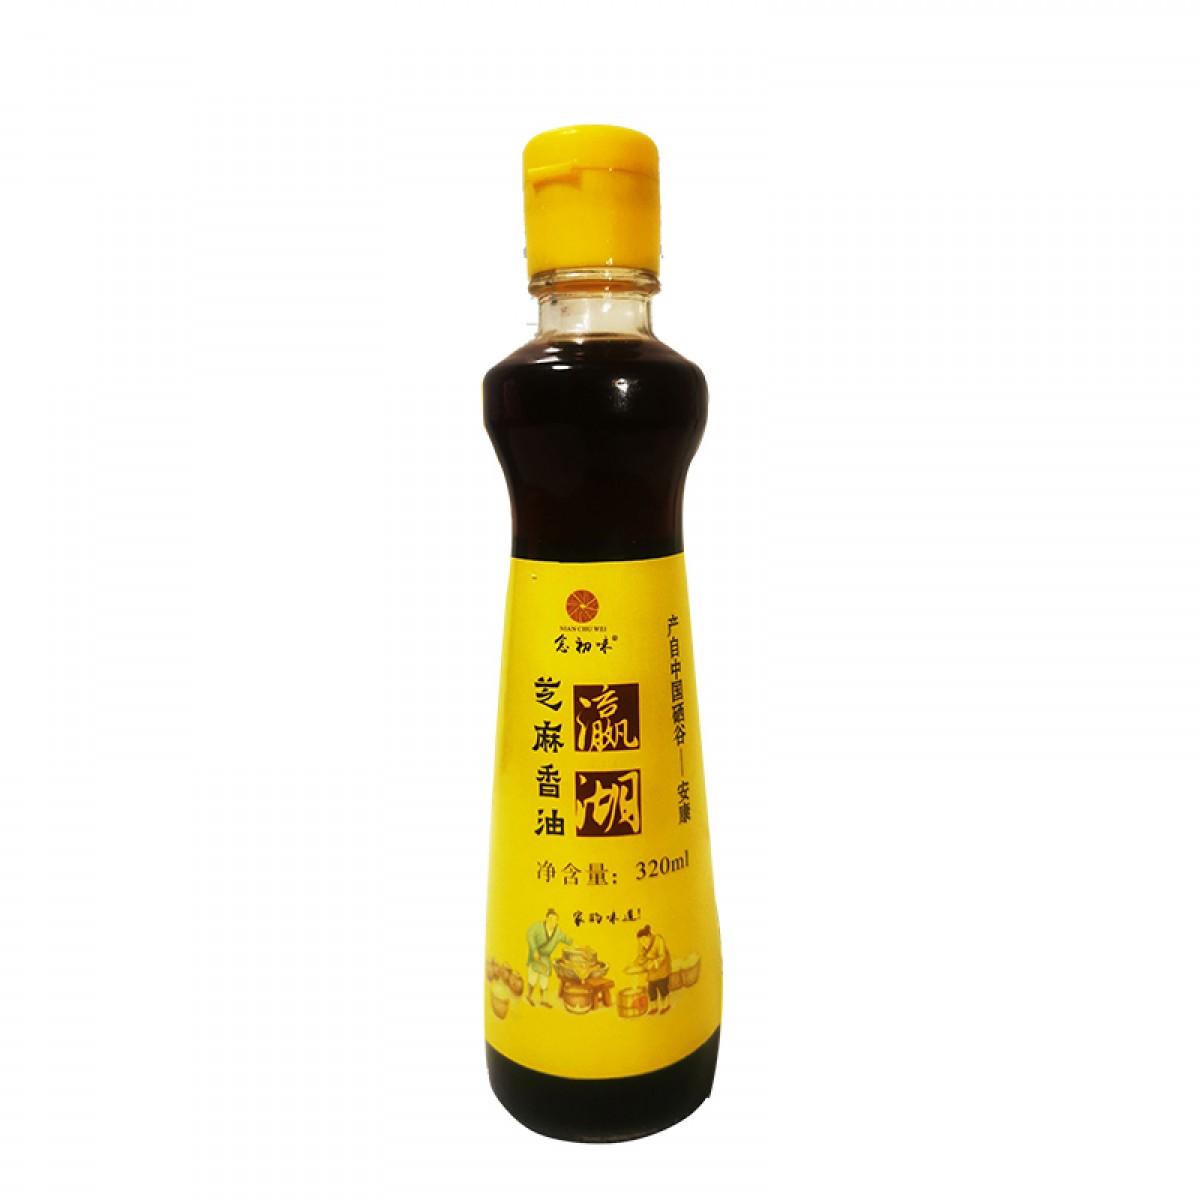 念初味 瀛湖芝麻香油320ml